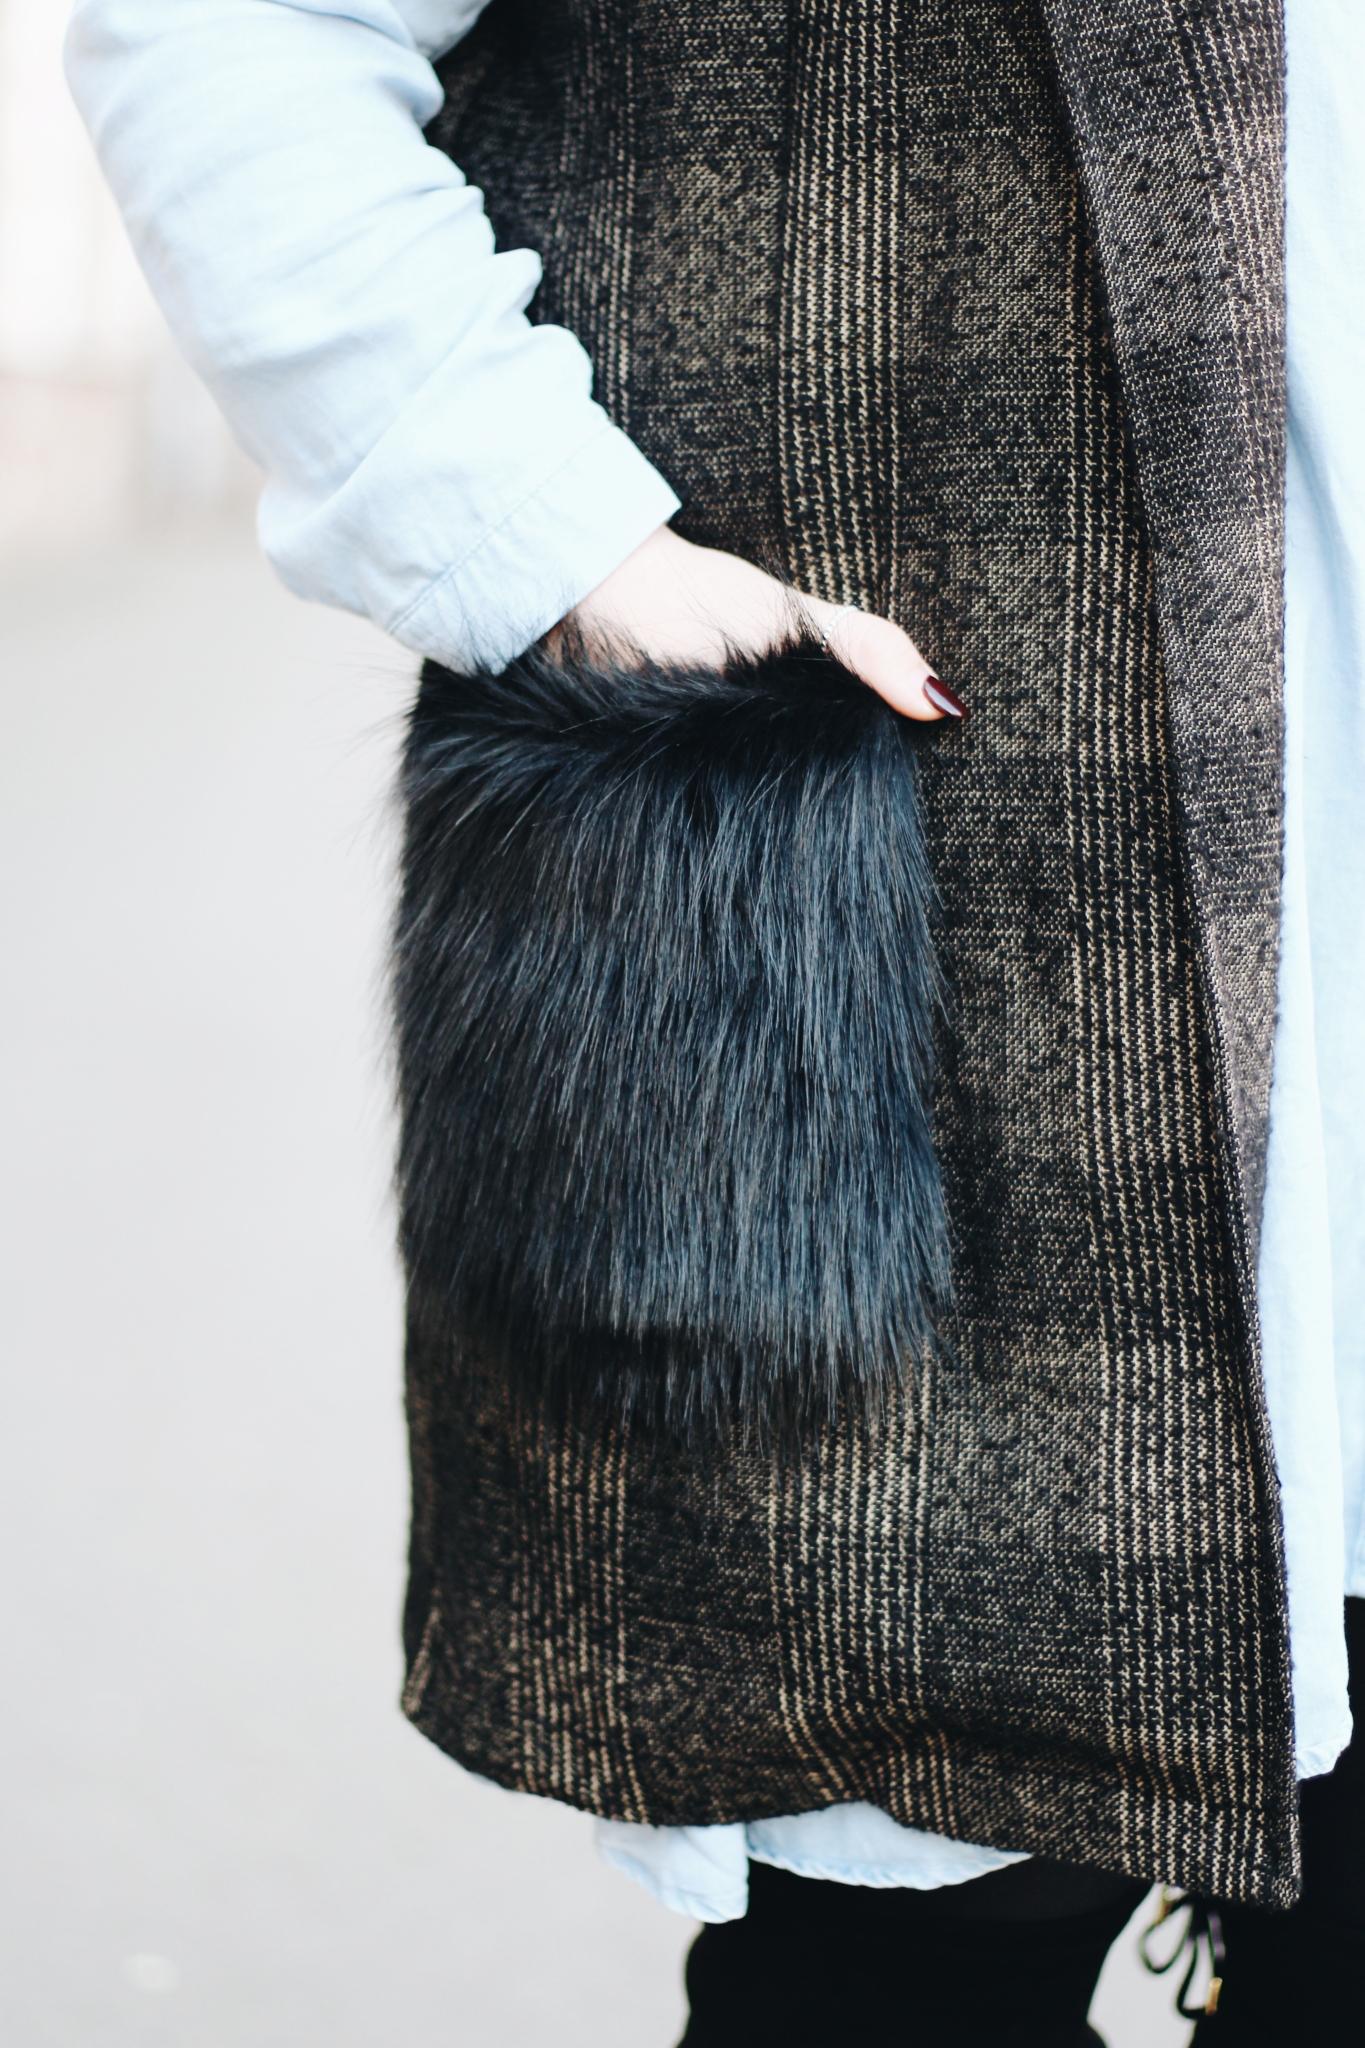 Nahaufnahme Kunstfell Tasche: Outfit Inspiration: So trage ich lange Westen mit Fake Fur - Kunstfell - Fashion Blog aus Leipzig